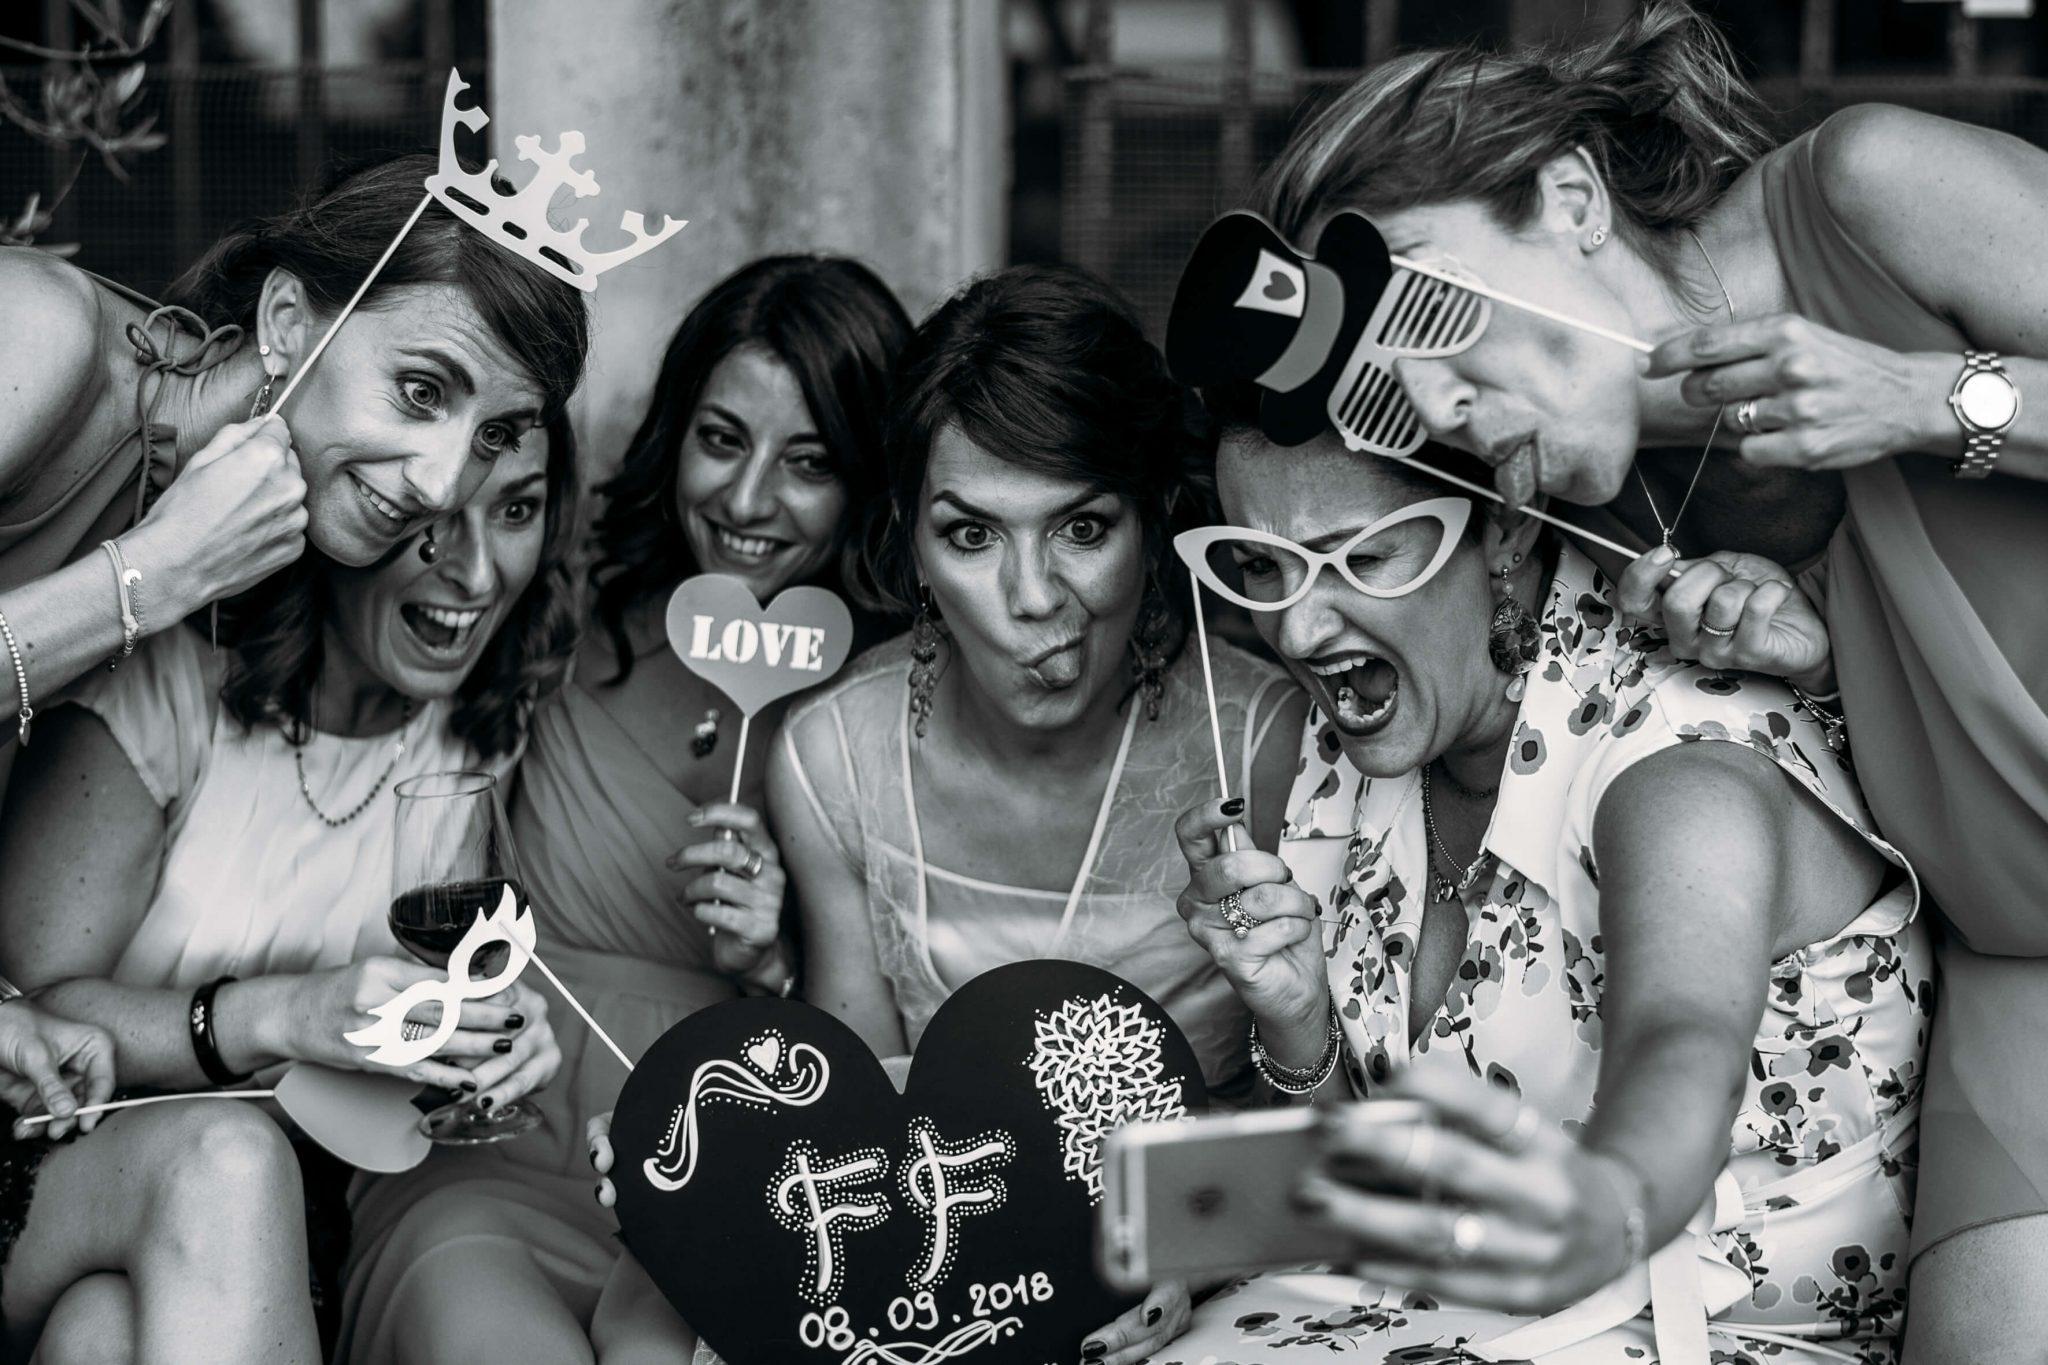 le amiche della sposa si scattano un selfie divertite